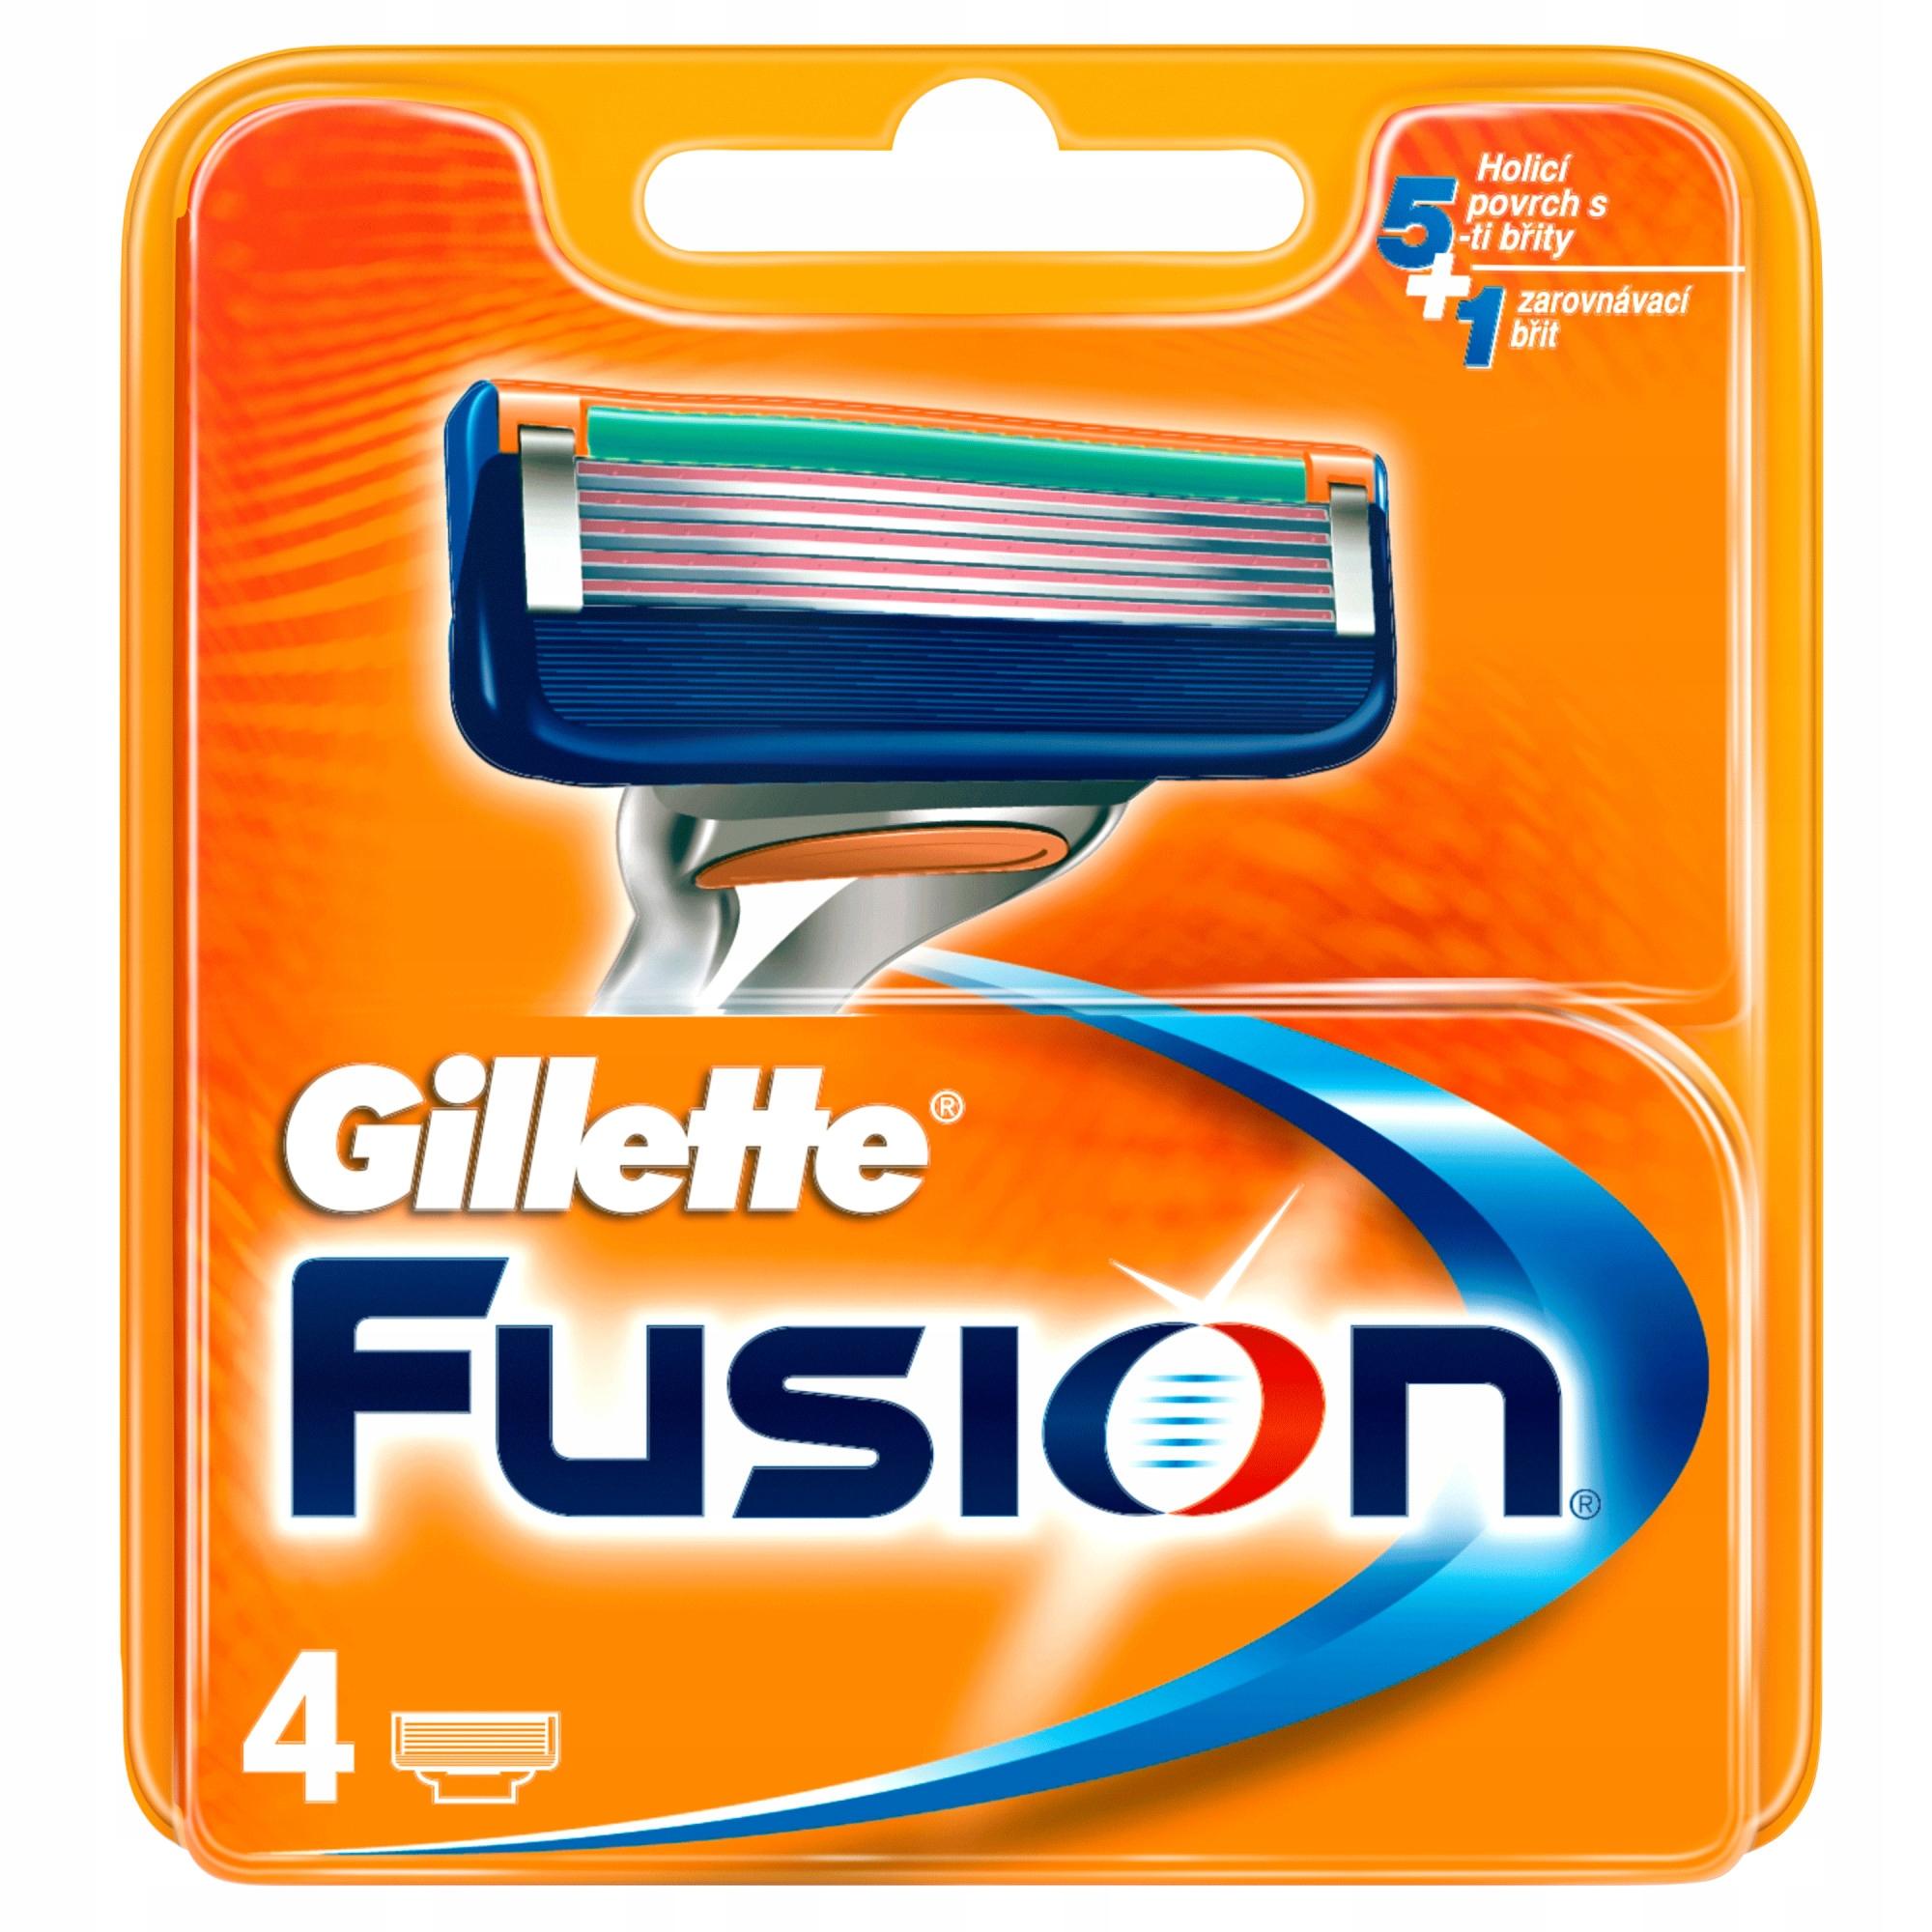 Gillette FUSION ostrza wkłady 4szt 100% ORYGINALNE